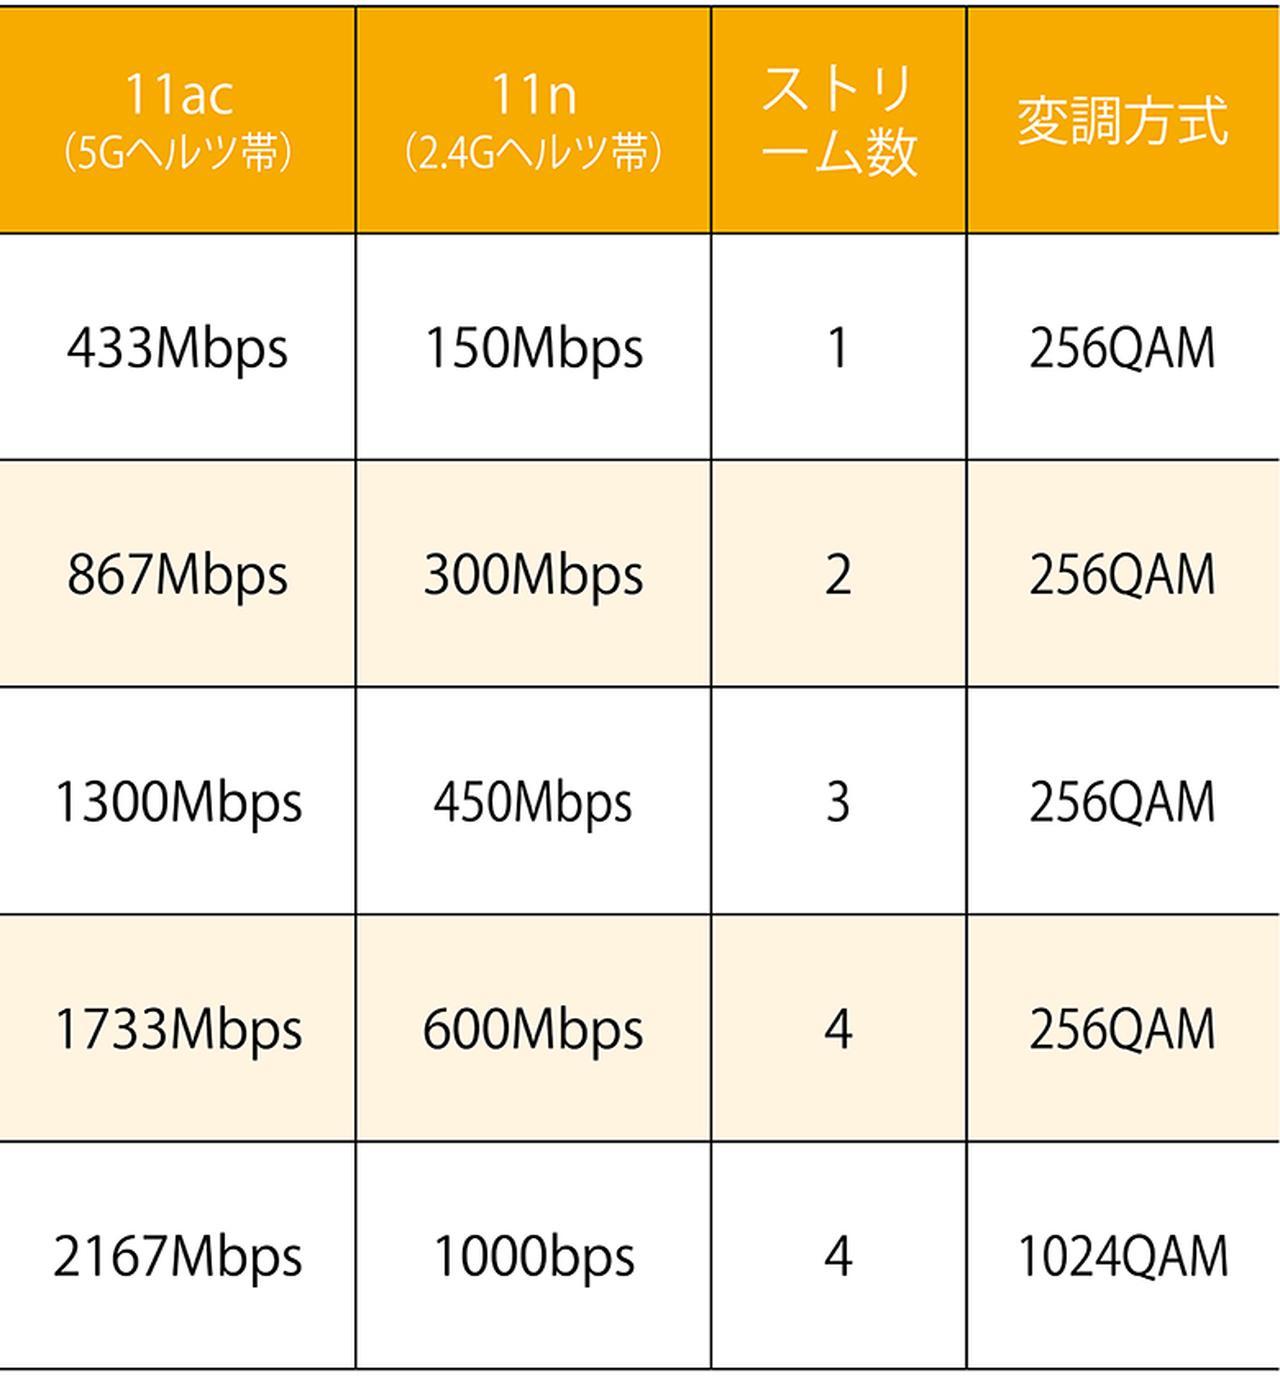 画像: 11acは、複数のアンテナを束ねることなどで通信速度を稼いでいる。1本(1ストリーム)当たり433Mbpsで、4本アンテナ(4×4)が上位機の標準になりつつある。